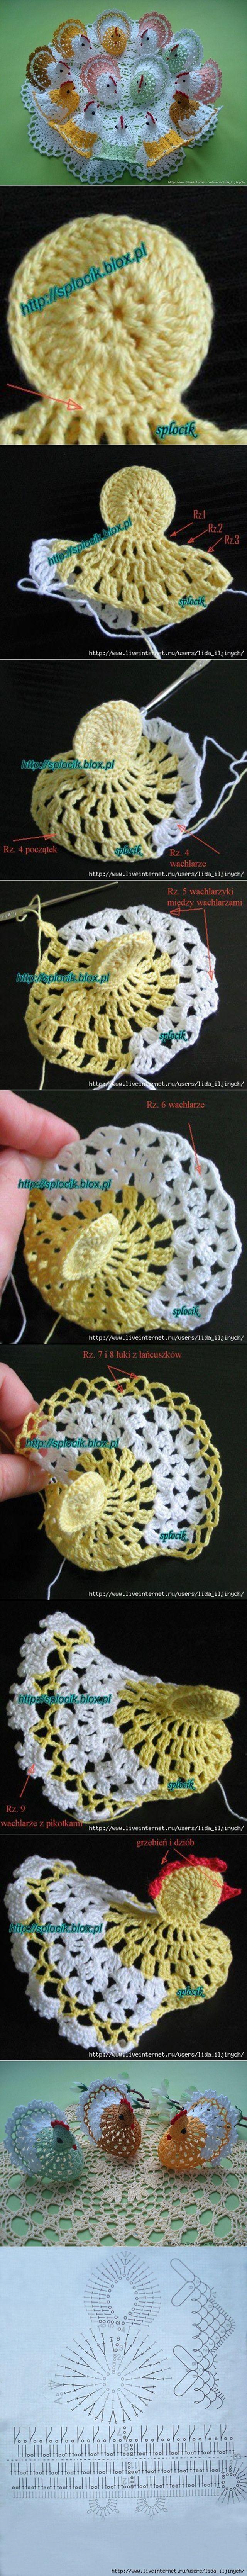 crochet chick tutorial